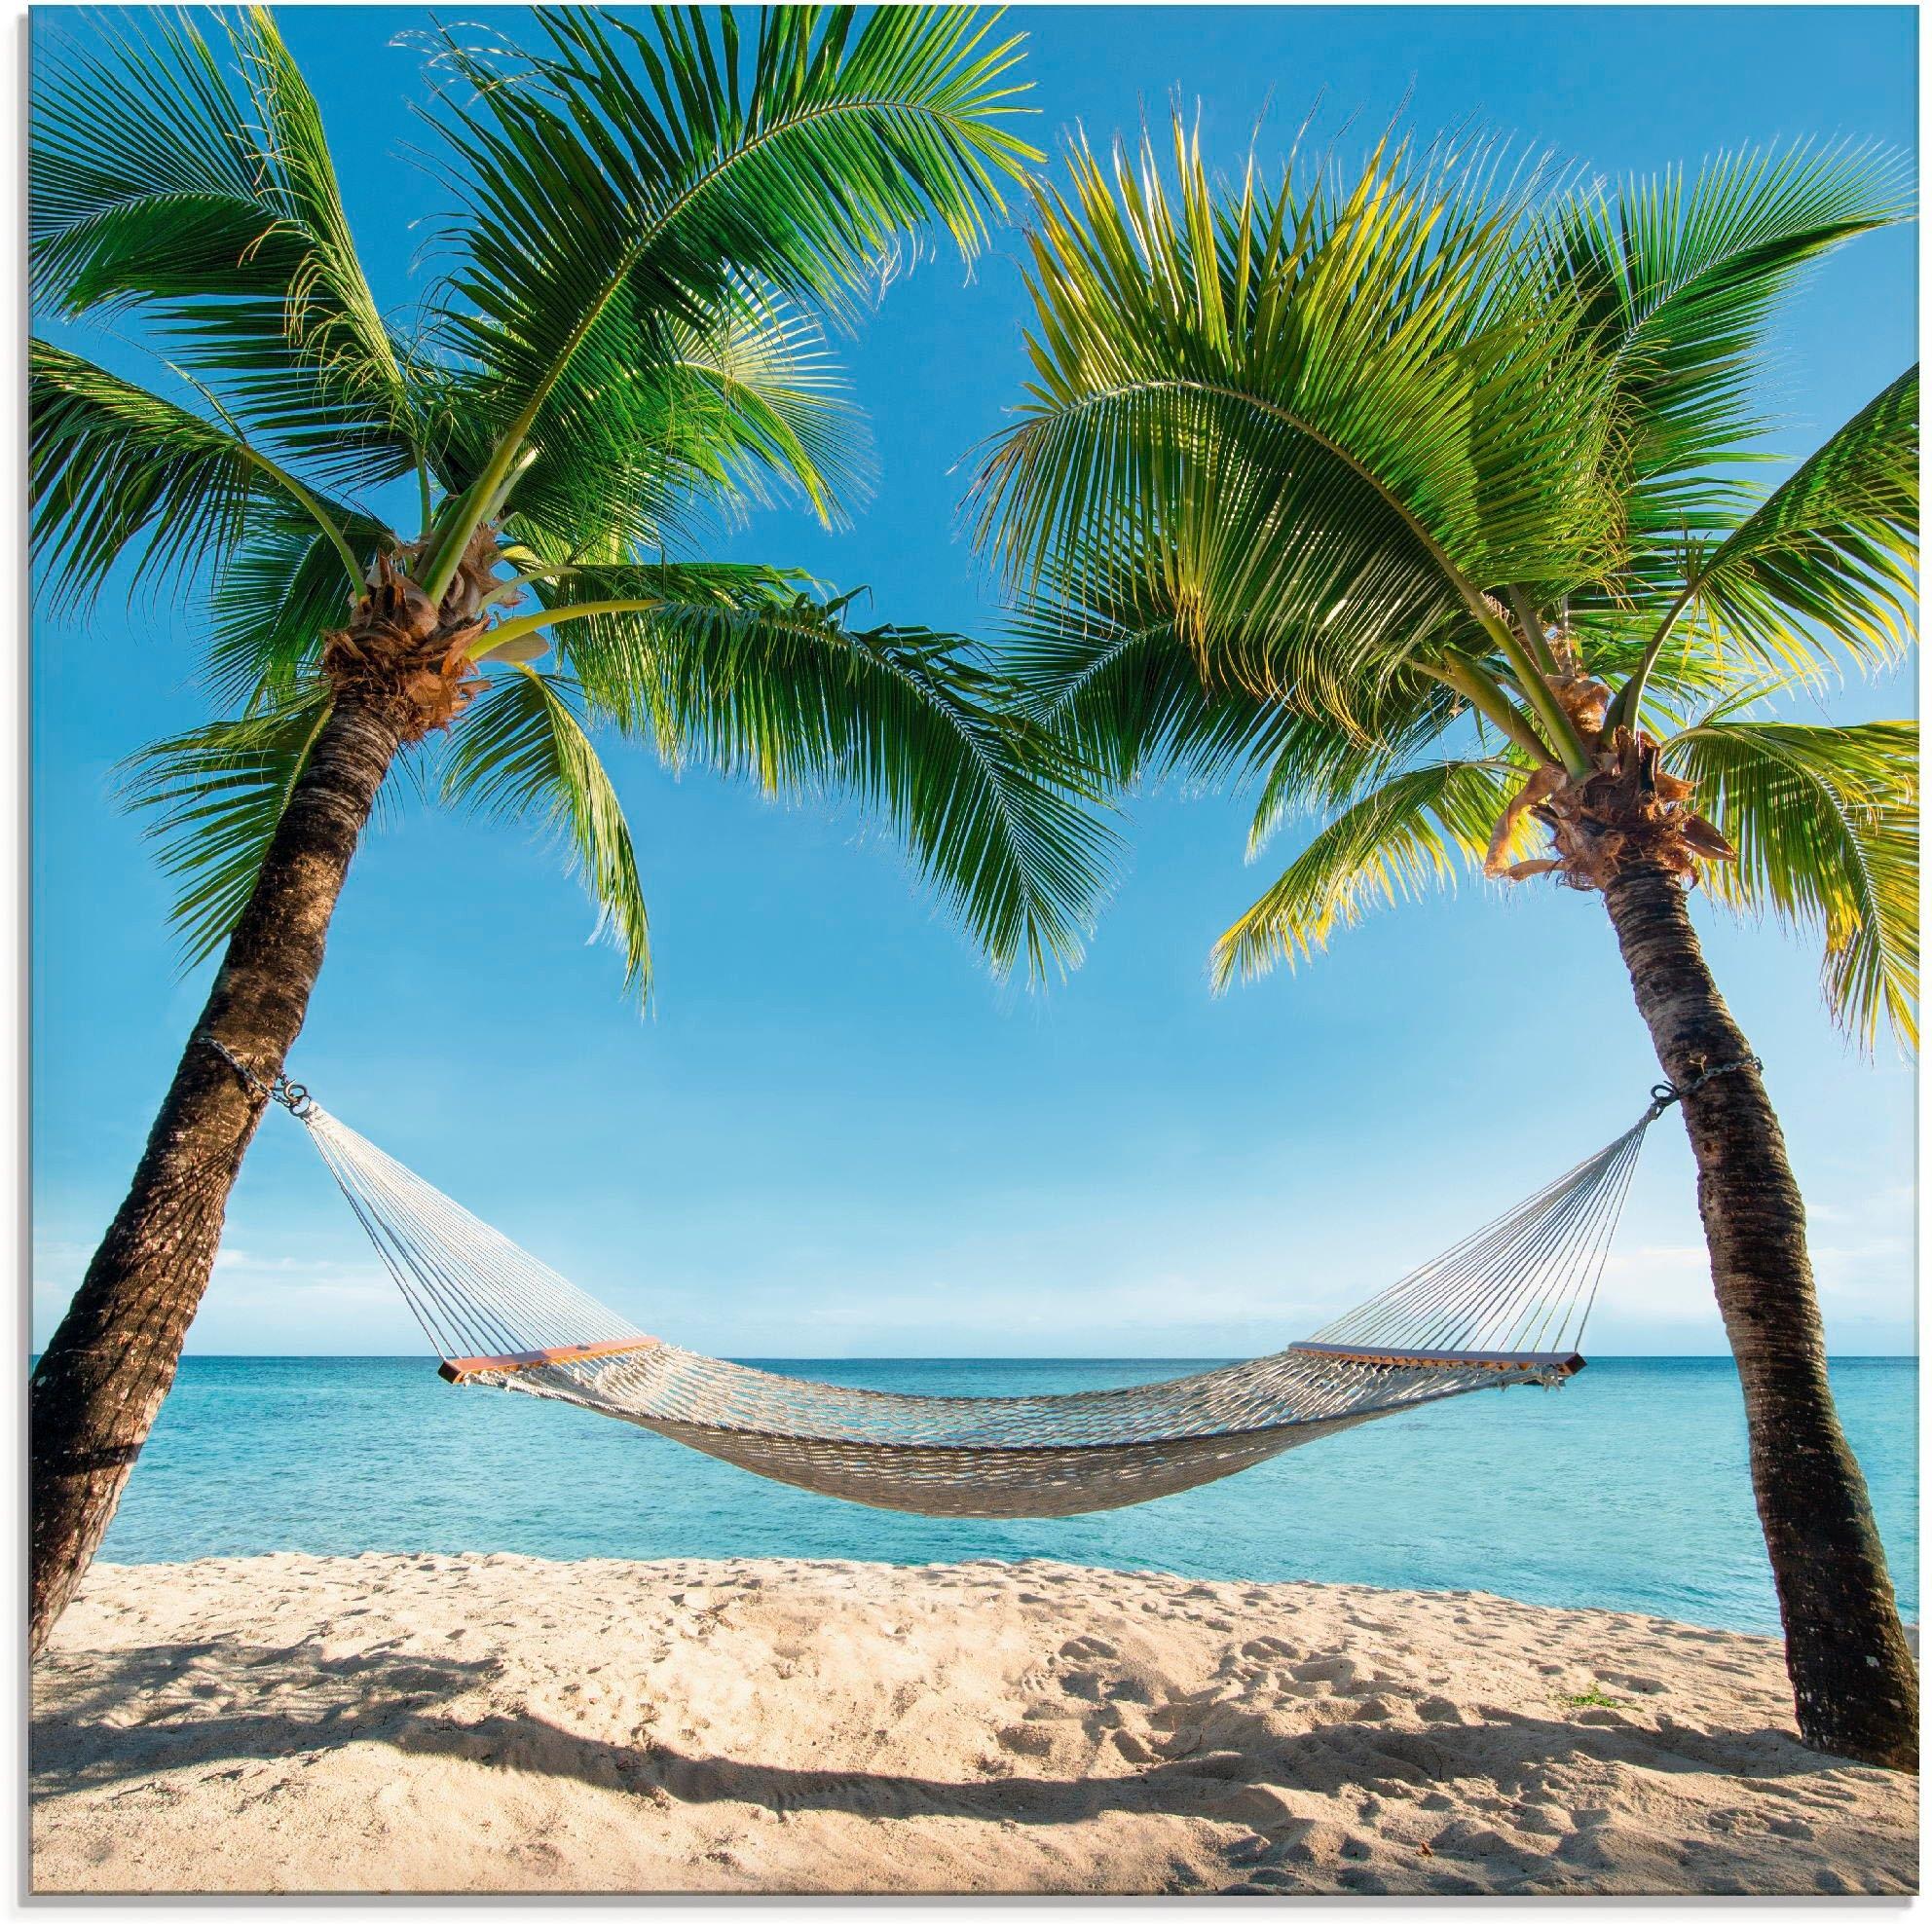 Artland Print op glas Palmenstrand Caribic met hangmat (1 stuk) voordelig en veilig online kopen